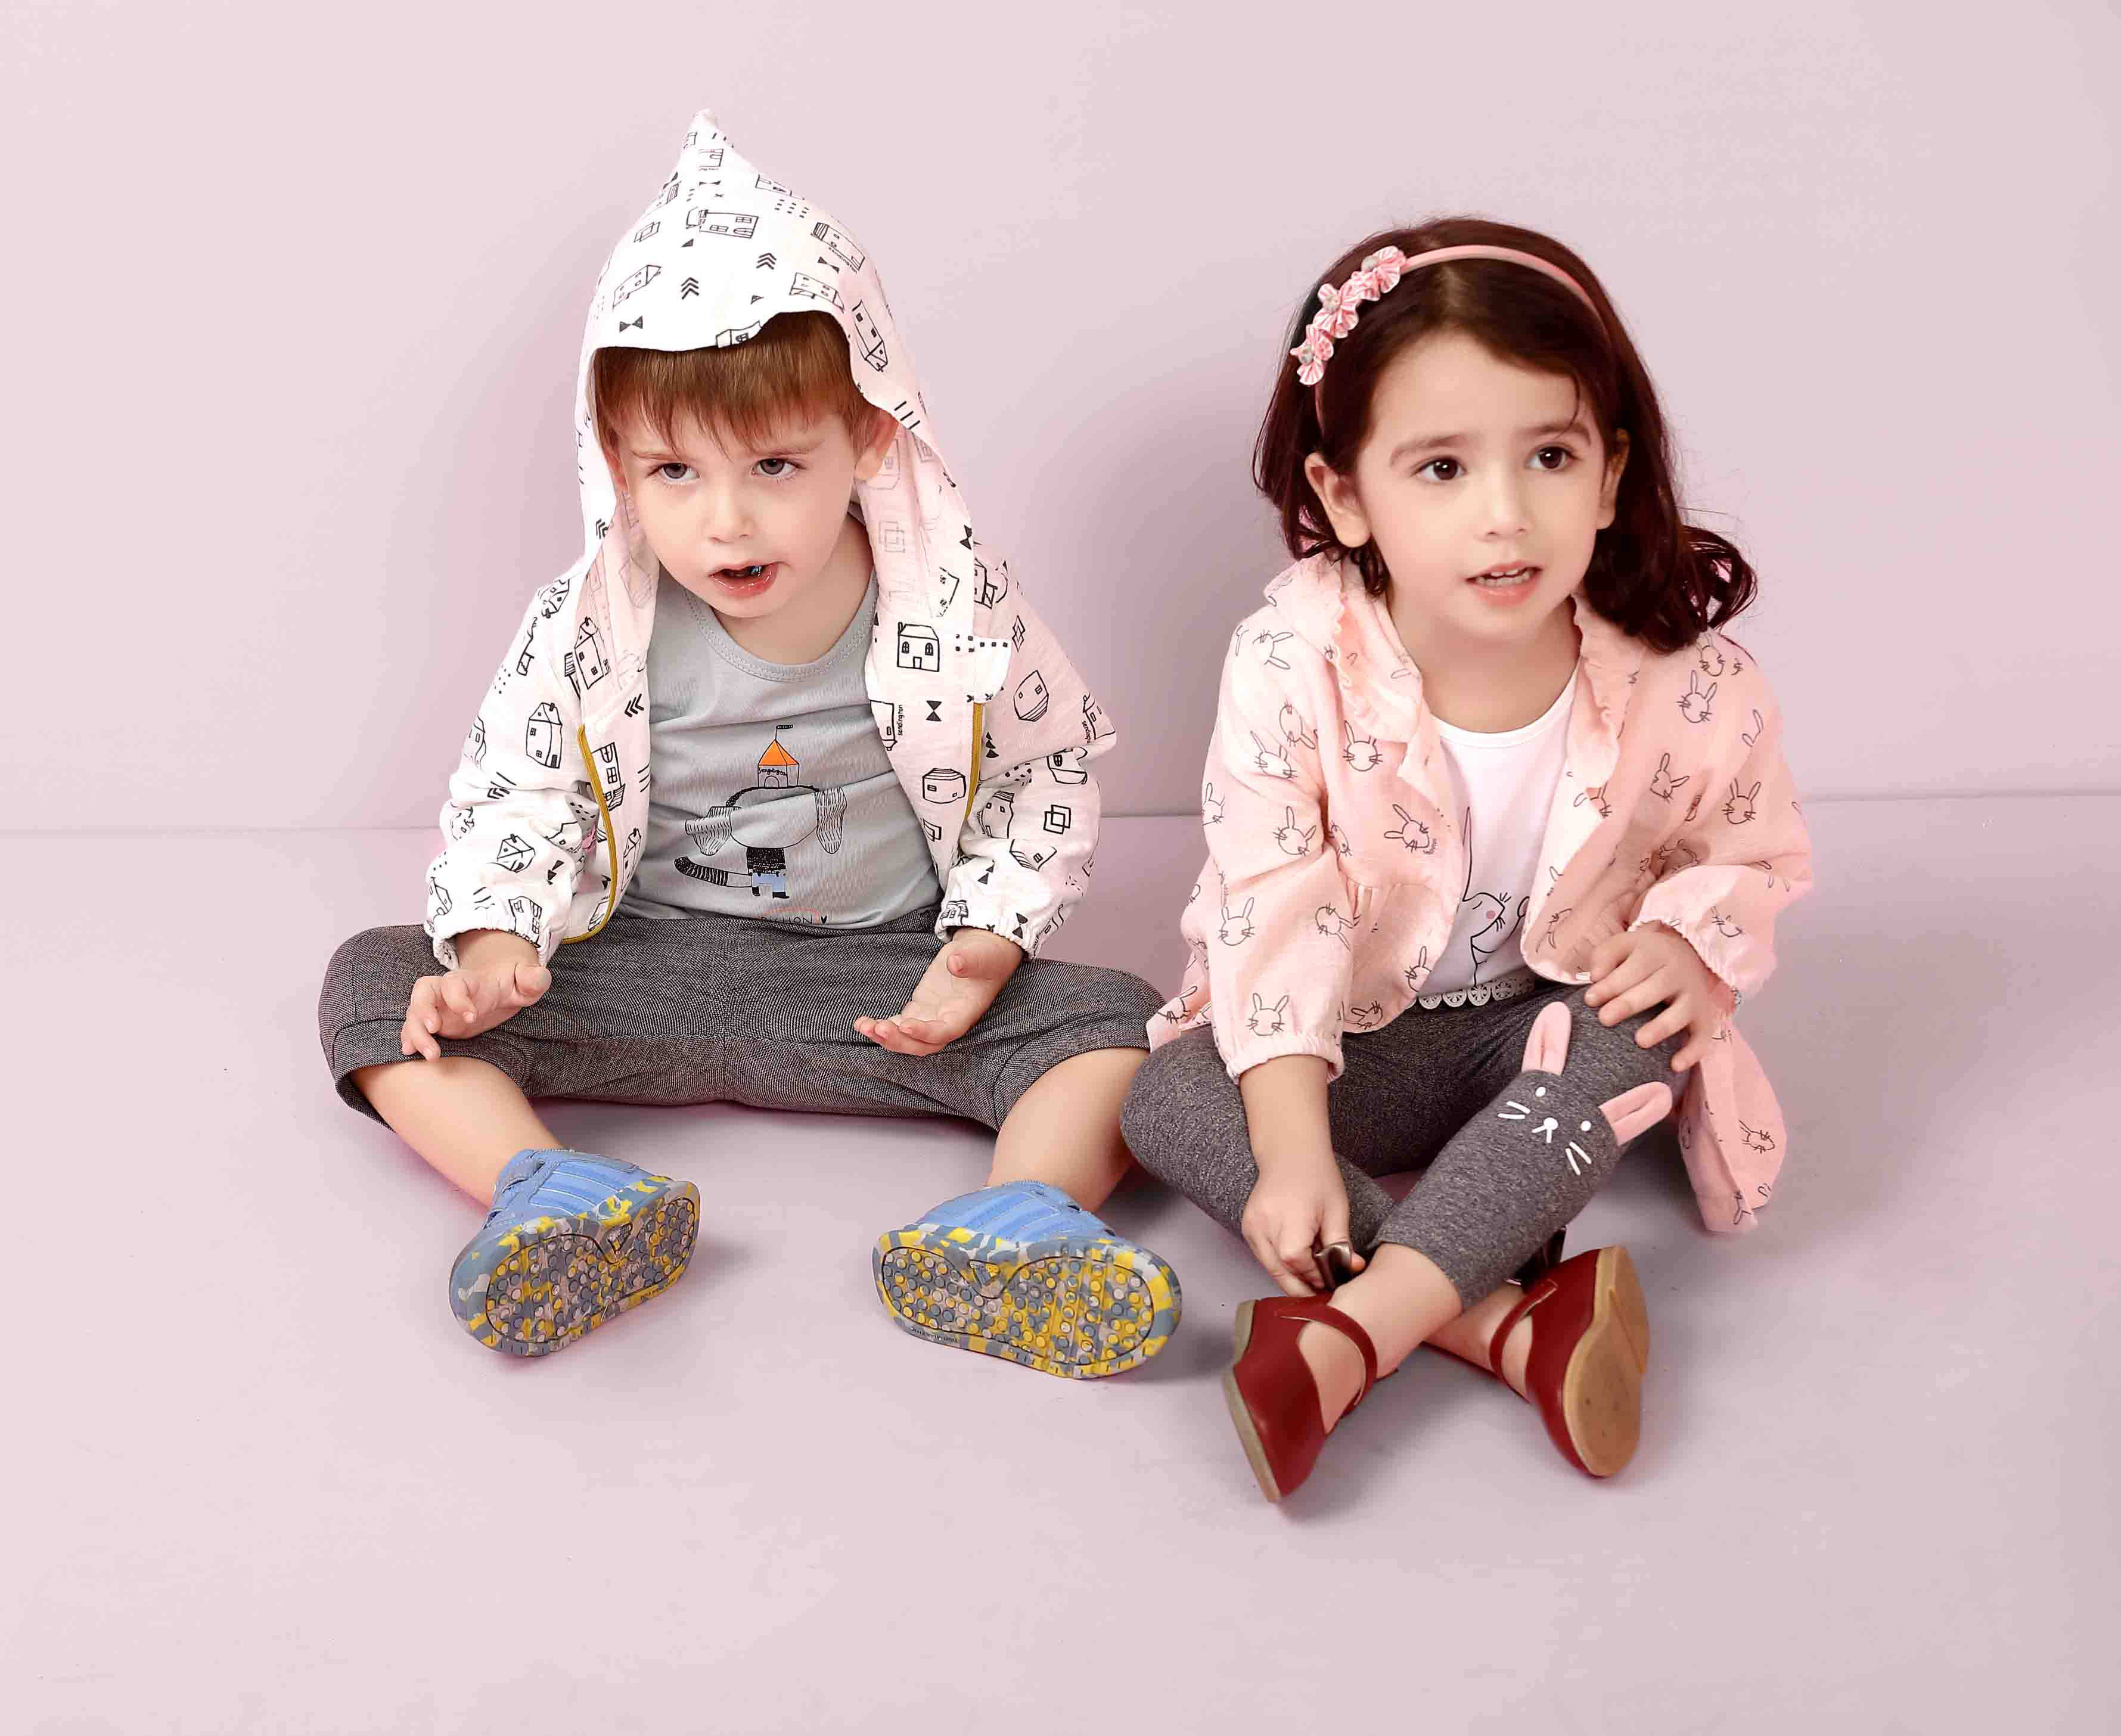 圣町顿sendington婴童服装品牌招商